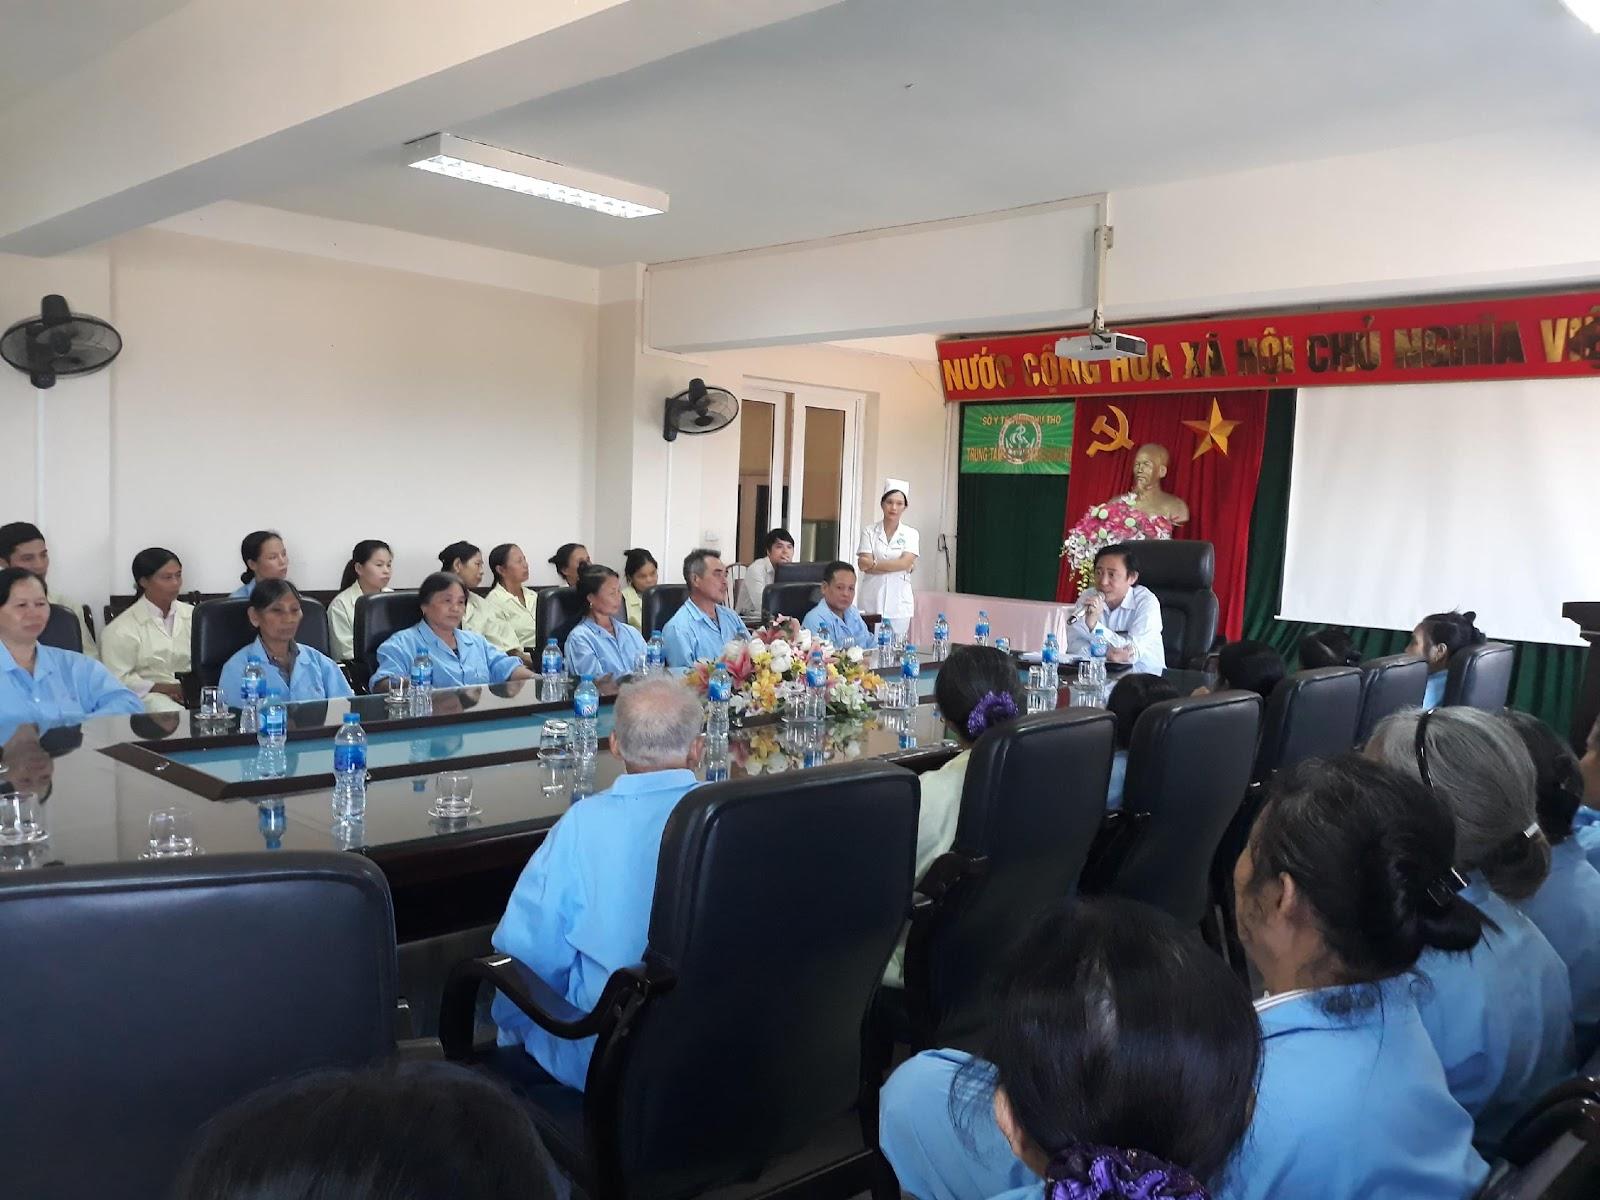 Họp hội đồng người bệnh thường kì tại trung tâm y tế huyện Cẩm Khê